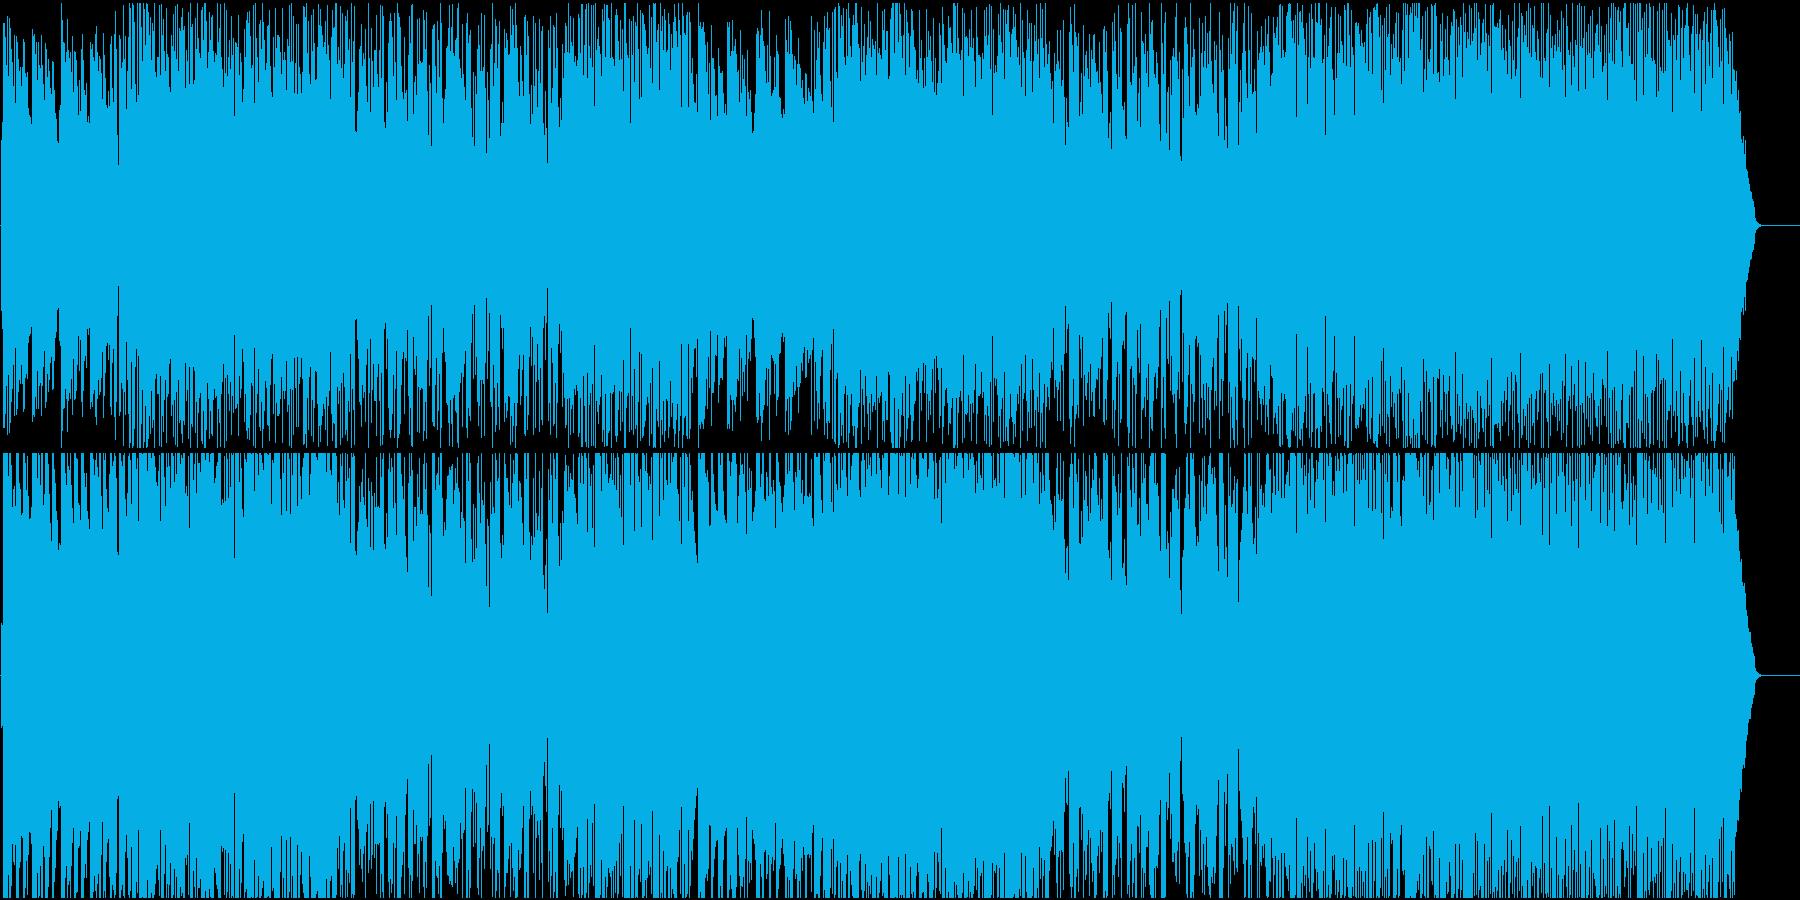 大人 バー ムード おしゃれ 流行の再生済みの波形